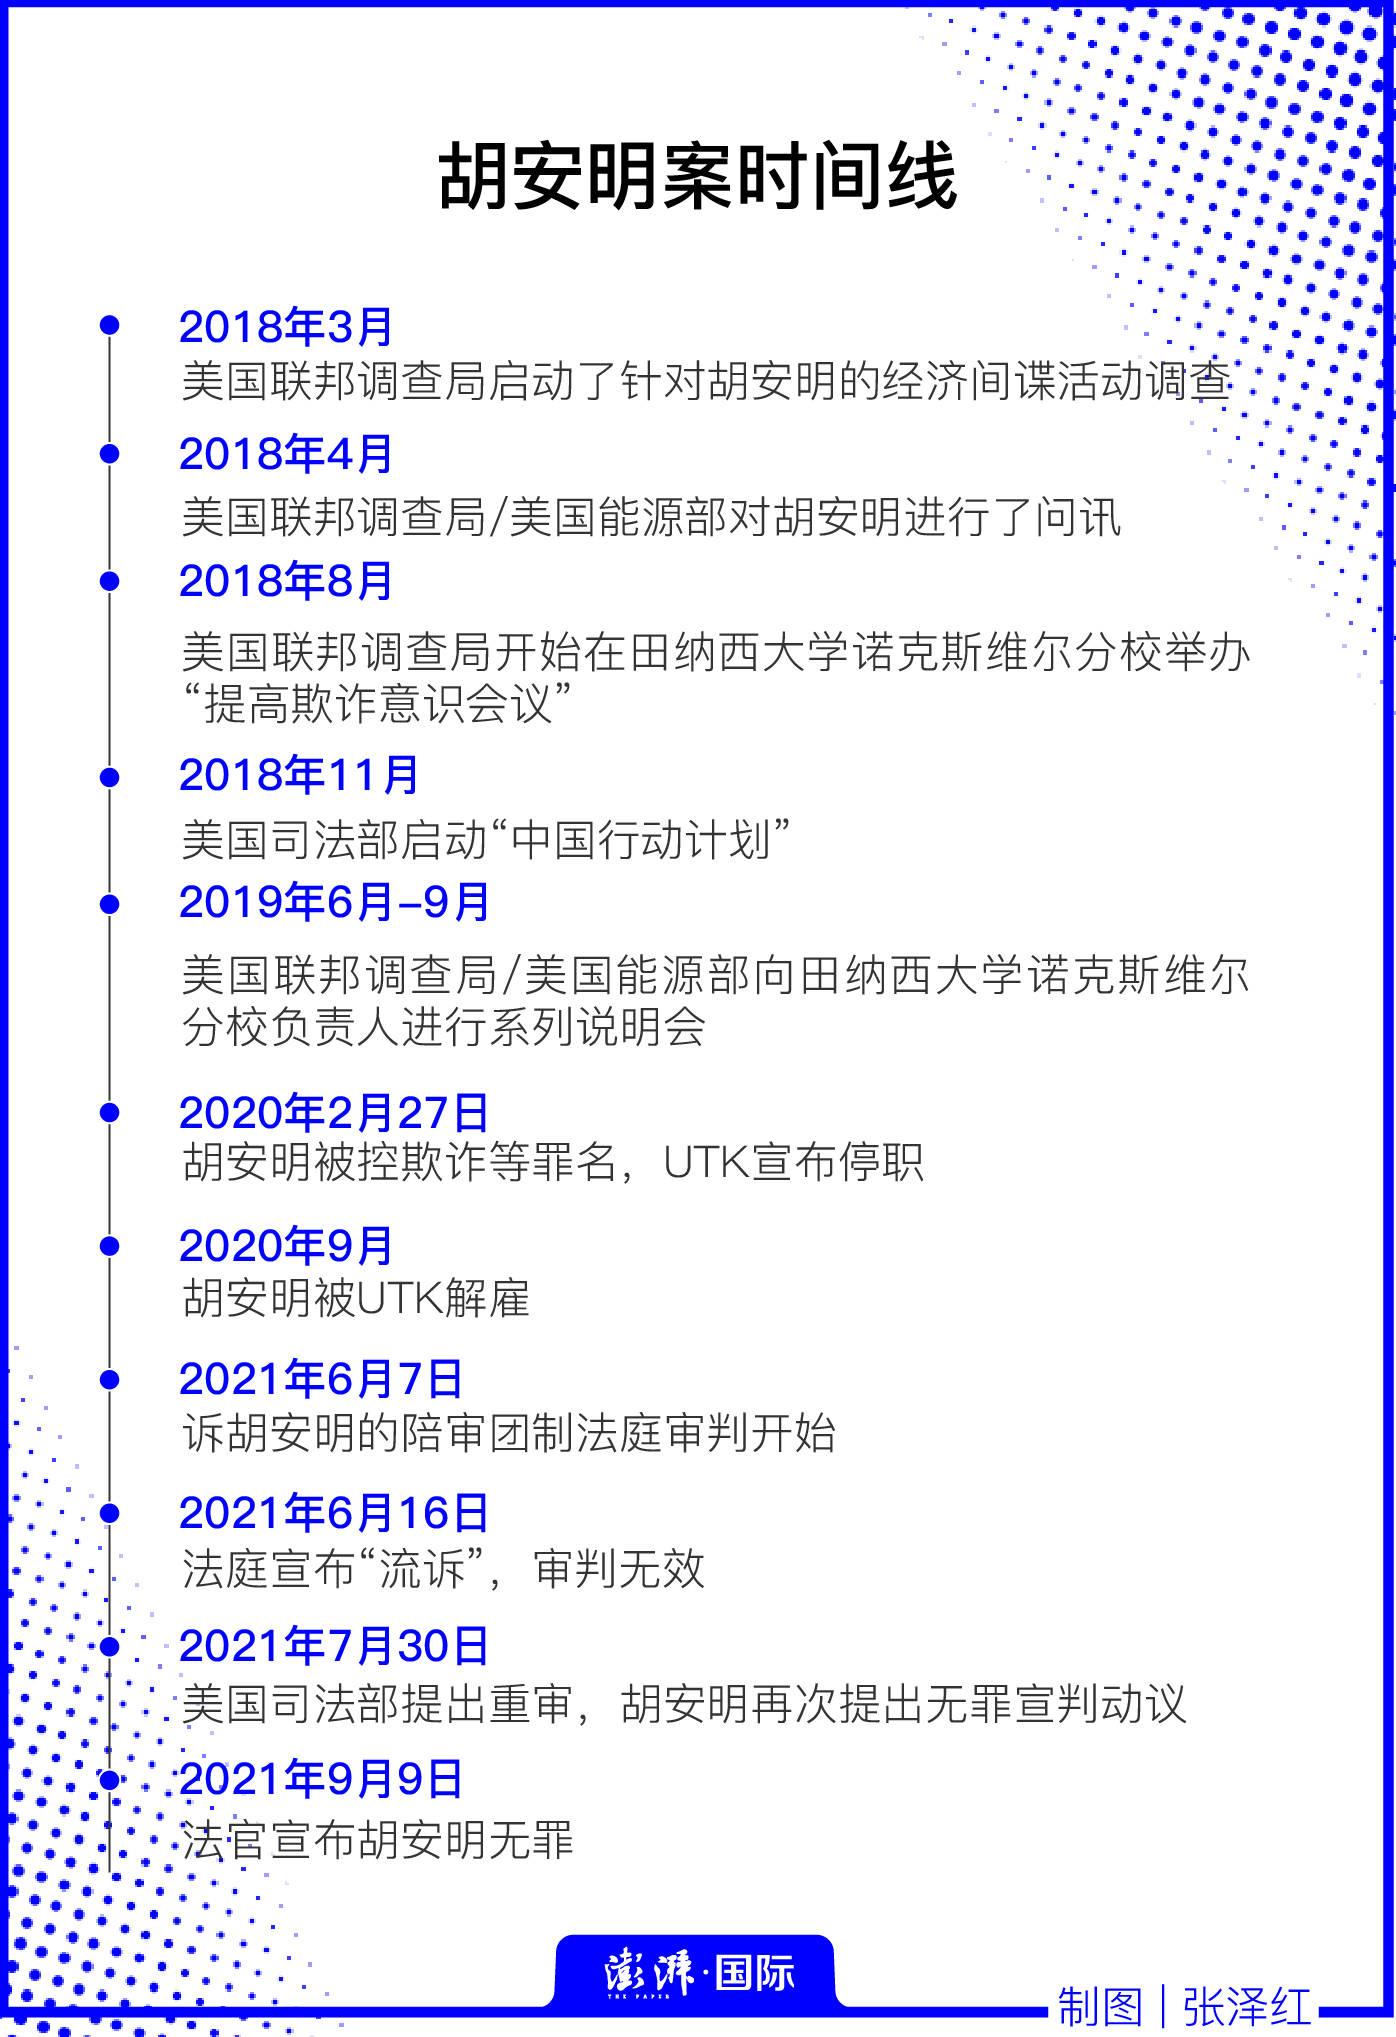 亚洲欧美日韩动漫,一抽一出bgm免费60有声音网站,一抽一出bgm免费60有声音,一抽一出bgm免费60的视频